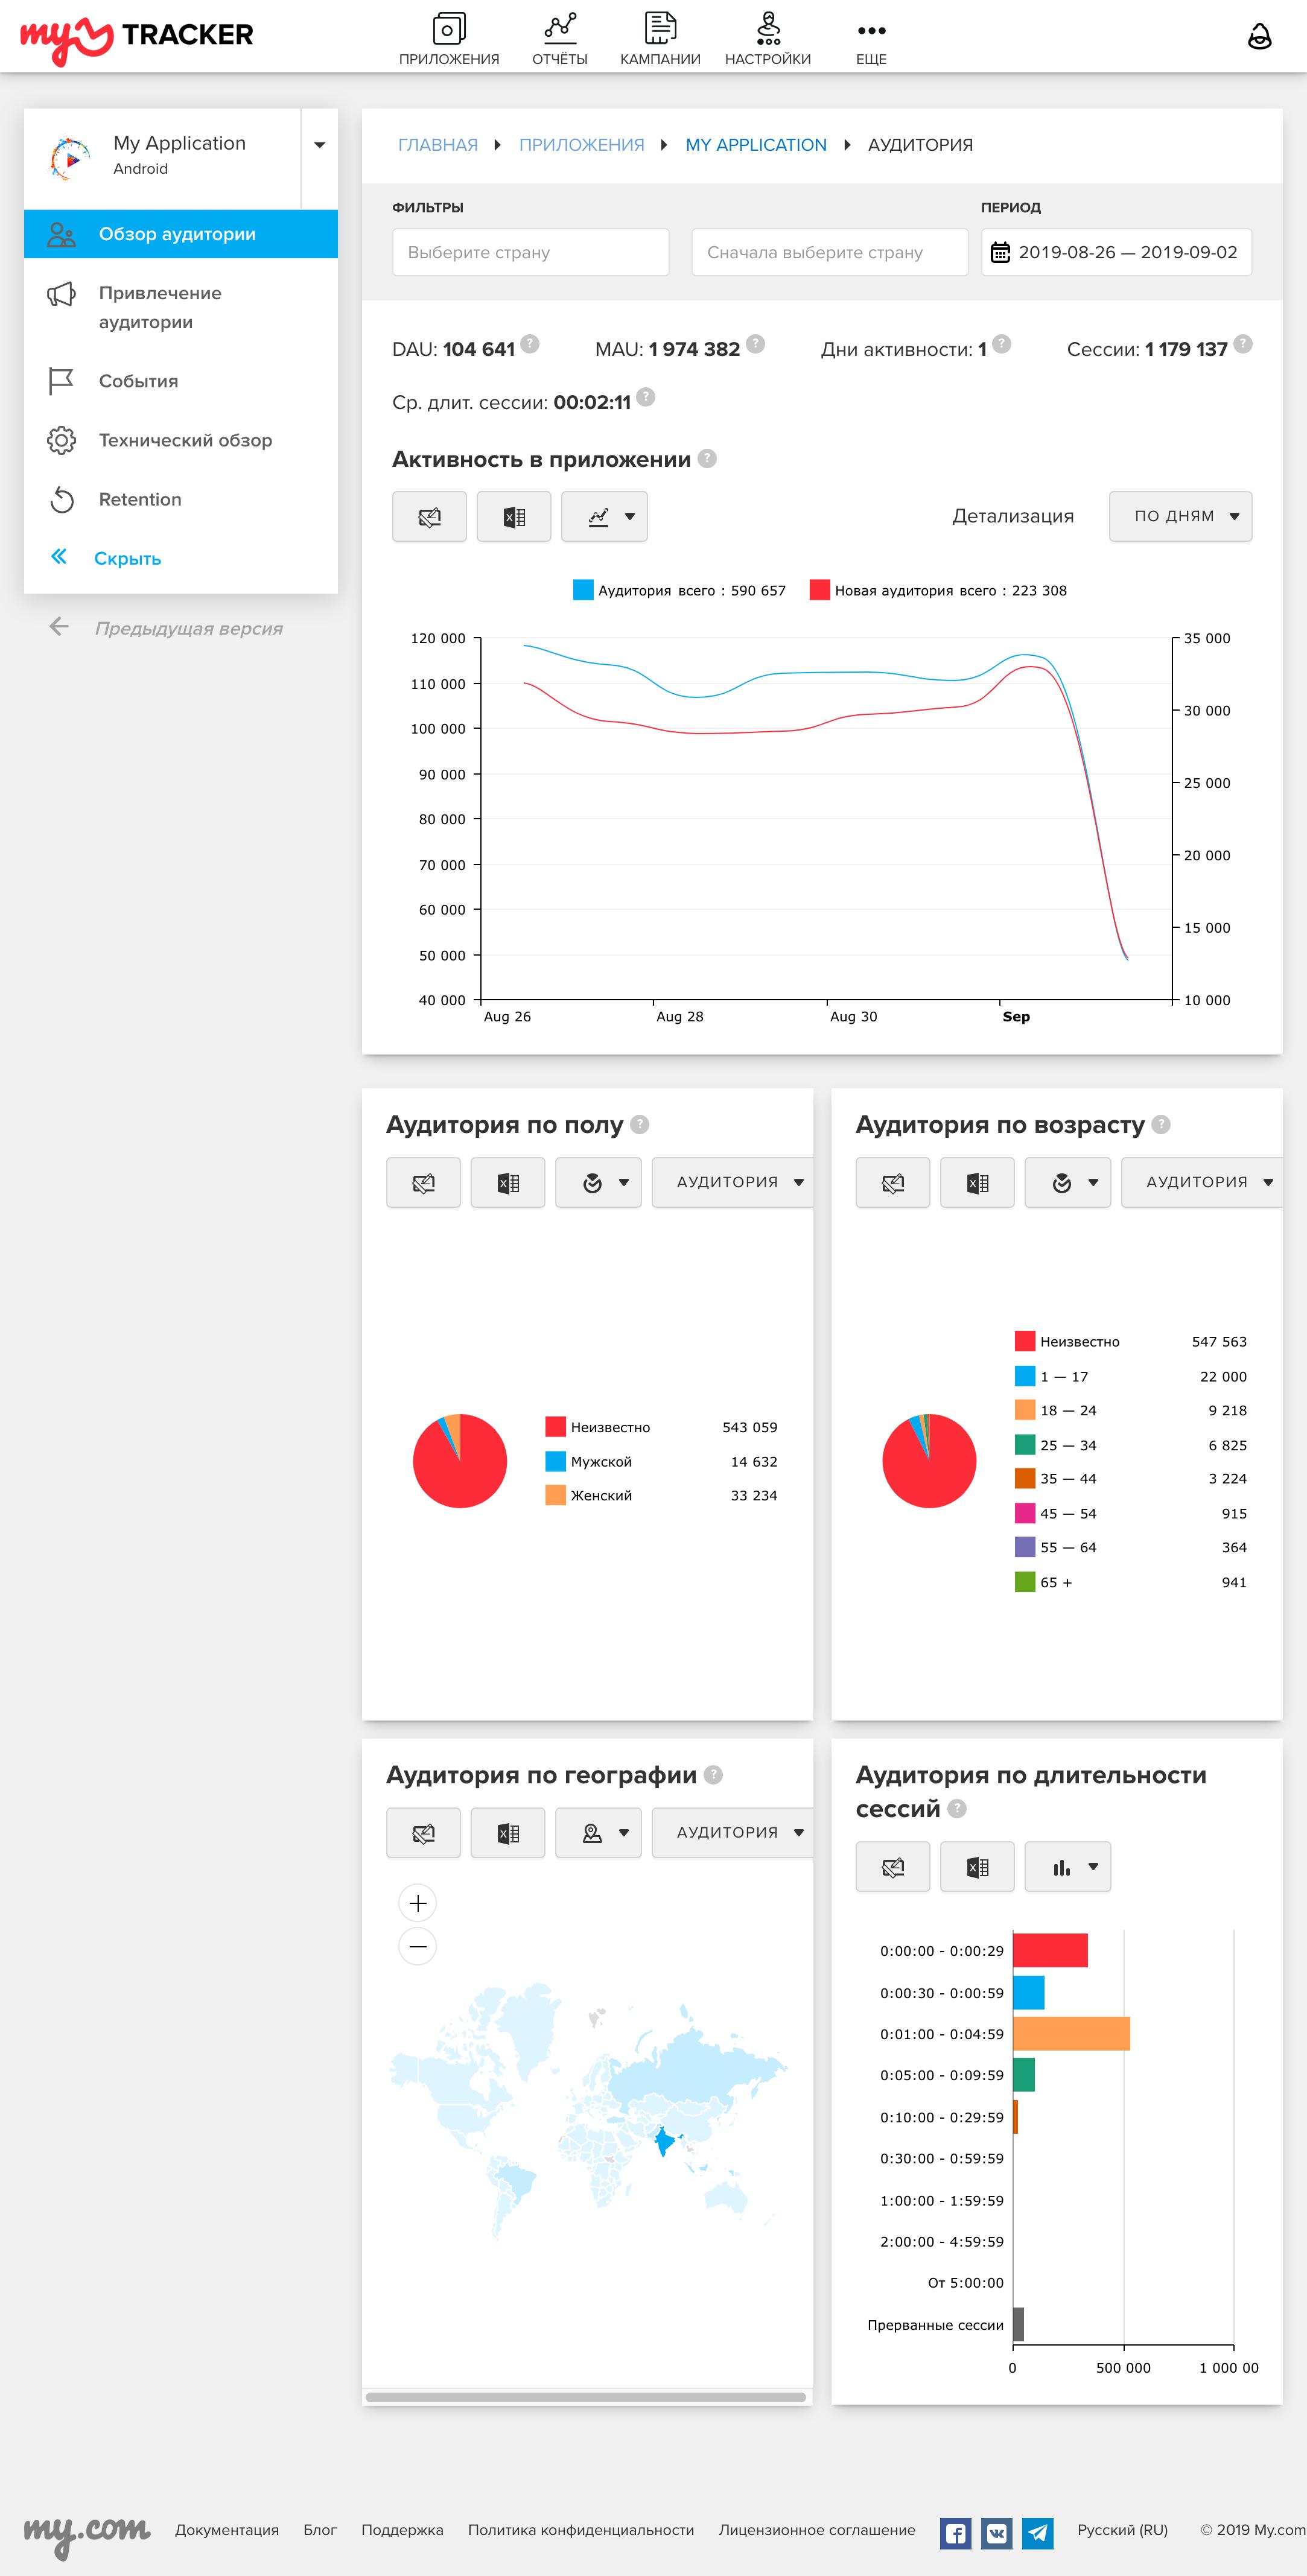 Платформа myTracker начала показывать данные об оттоке пользователей и обновленную статистику - 3